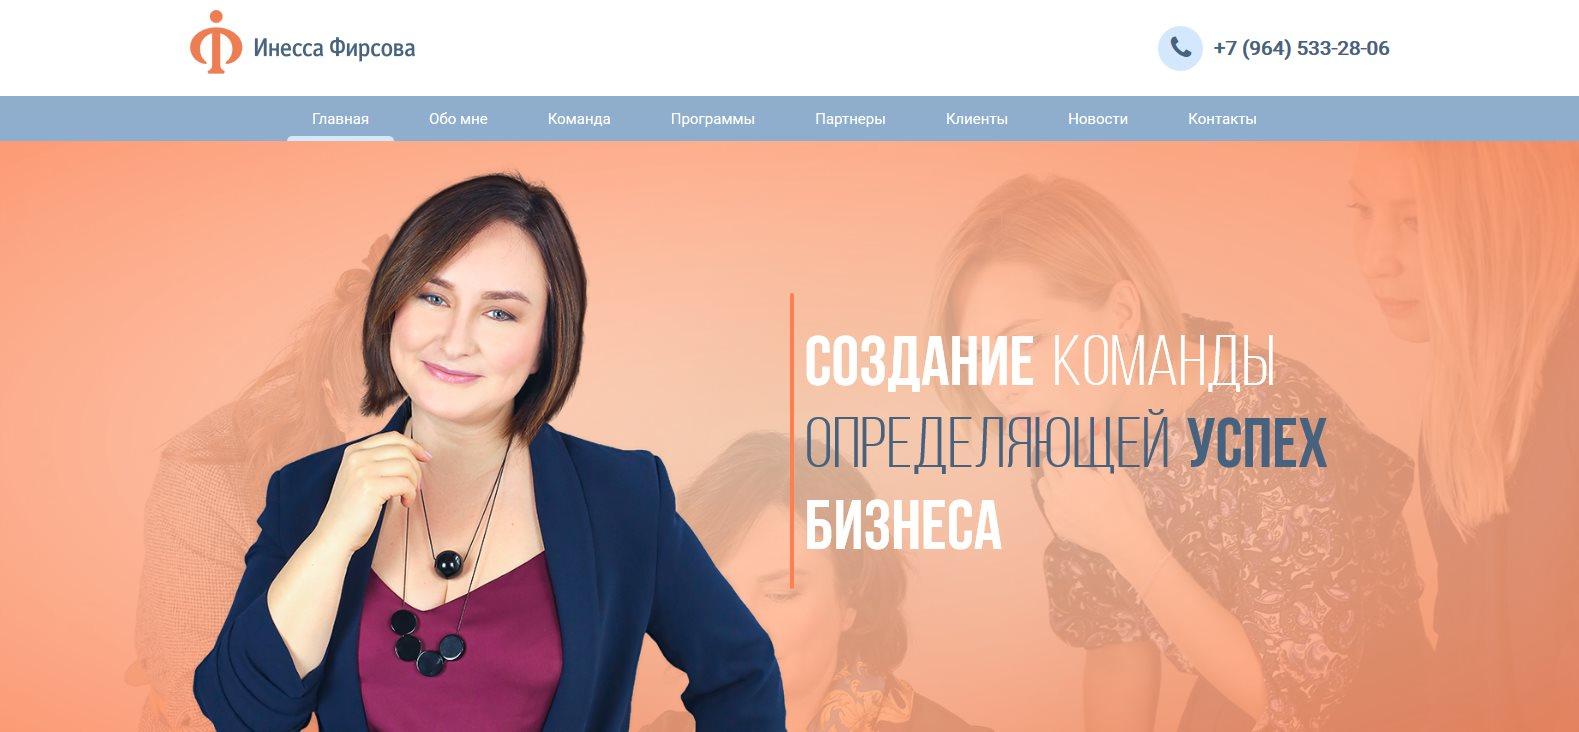 Бизнес-мастерская Инессы Фирсовой